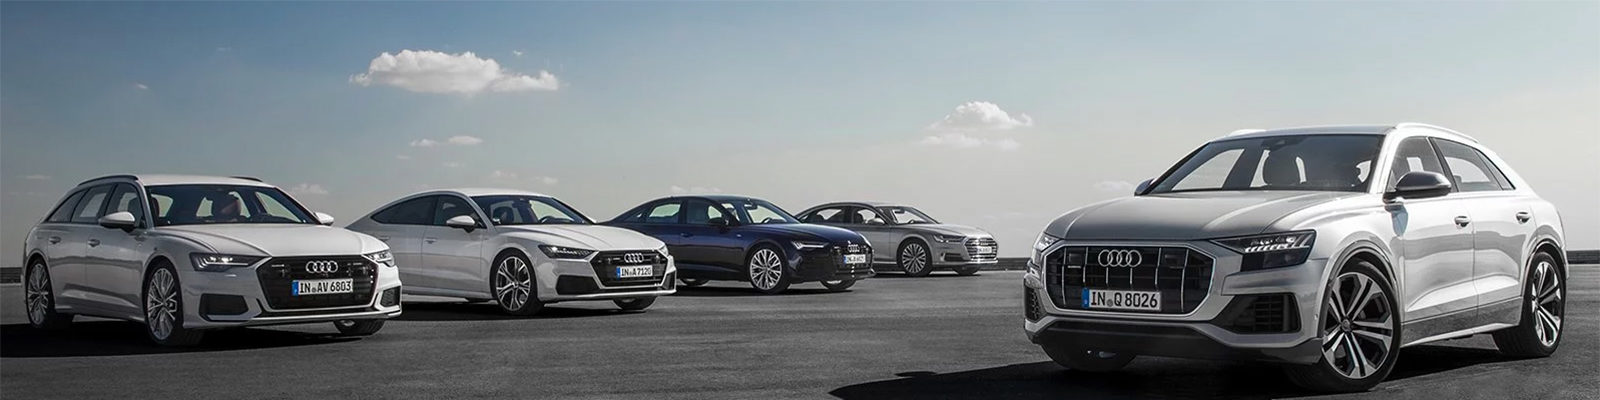 Audi Renting